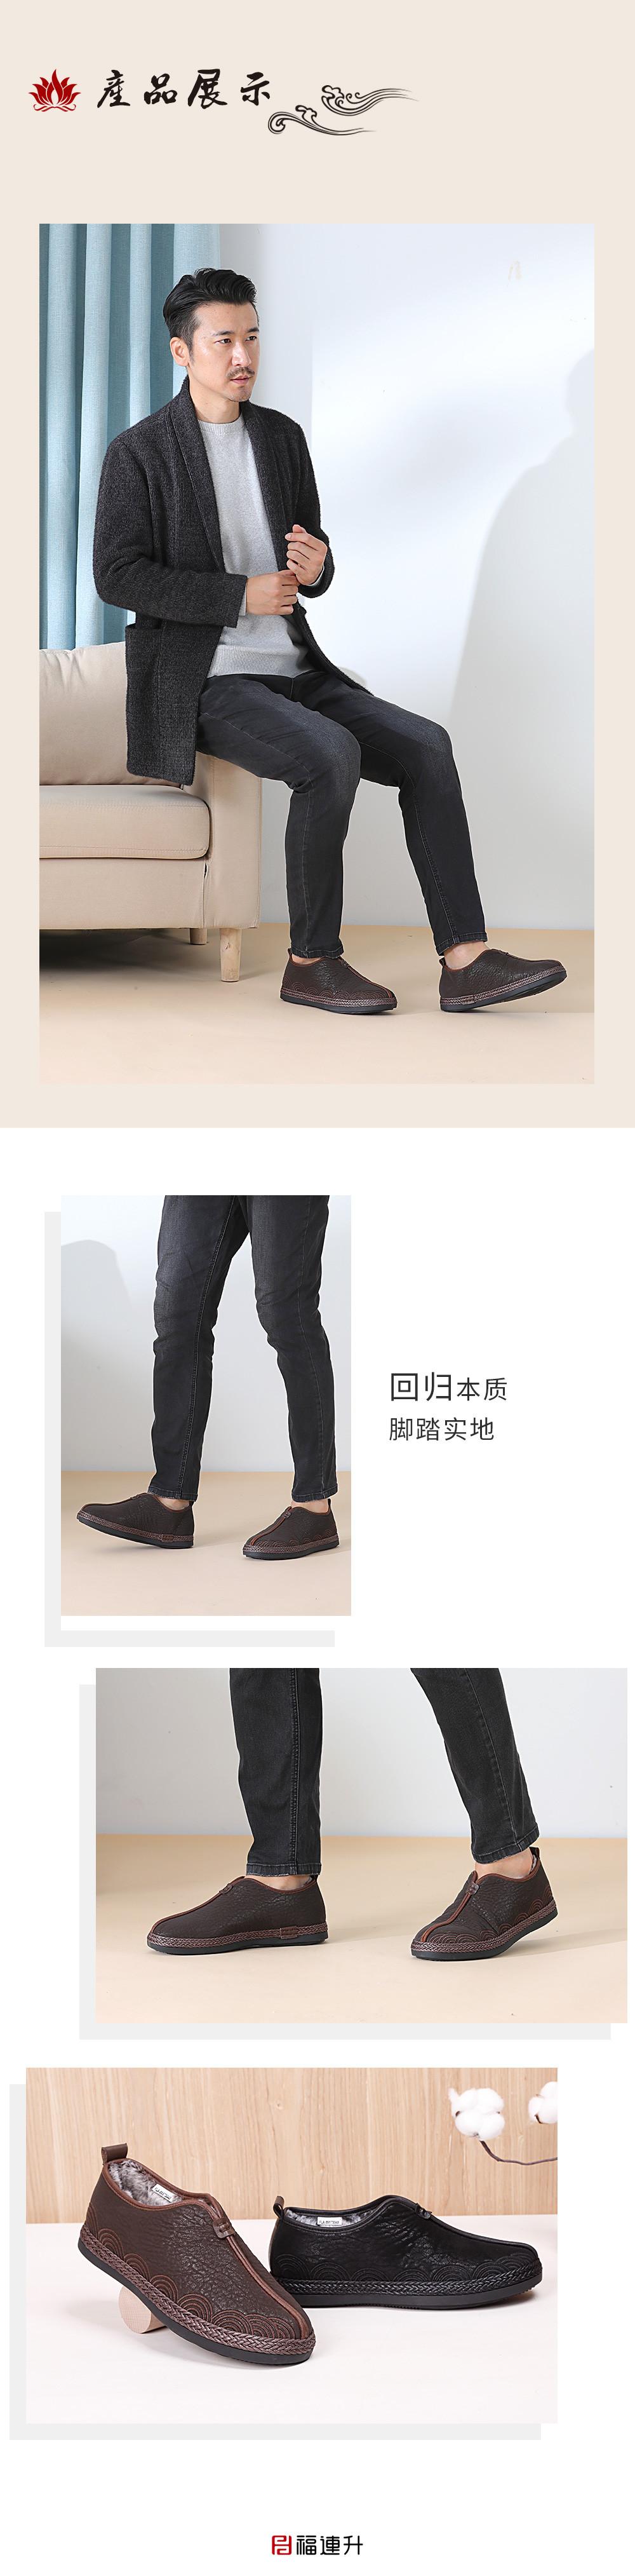 福连升老北京布鞋2020冬季新款男保暖中国风一脚蹬休闲鞋图片